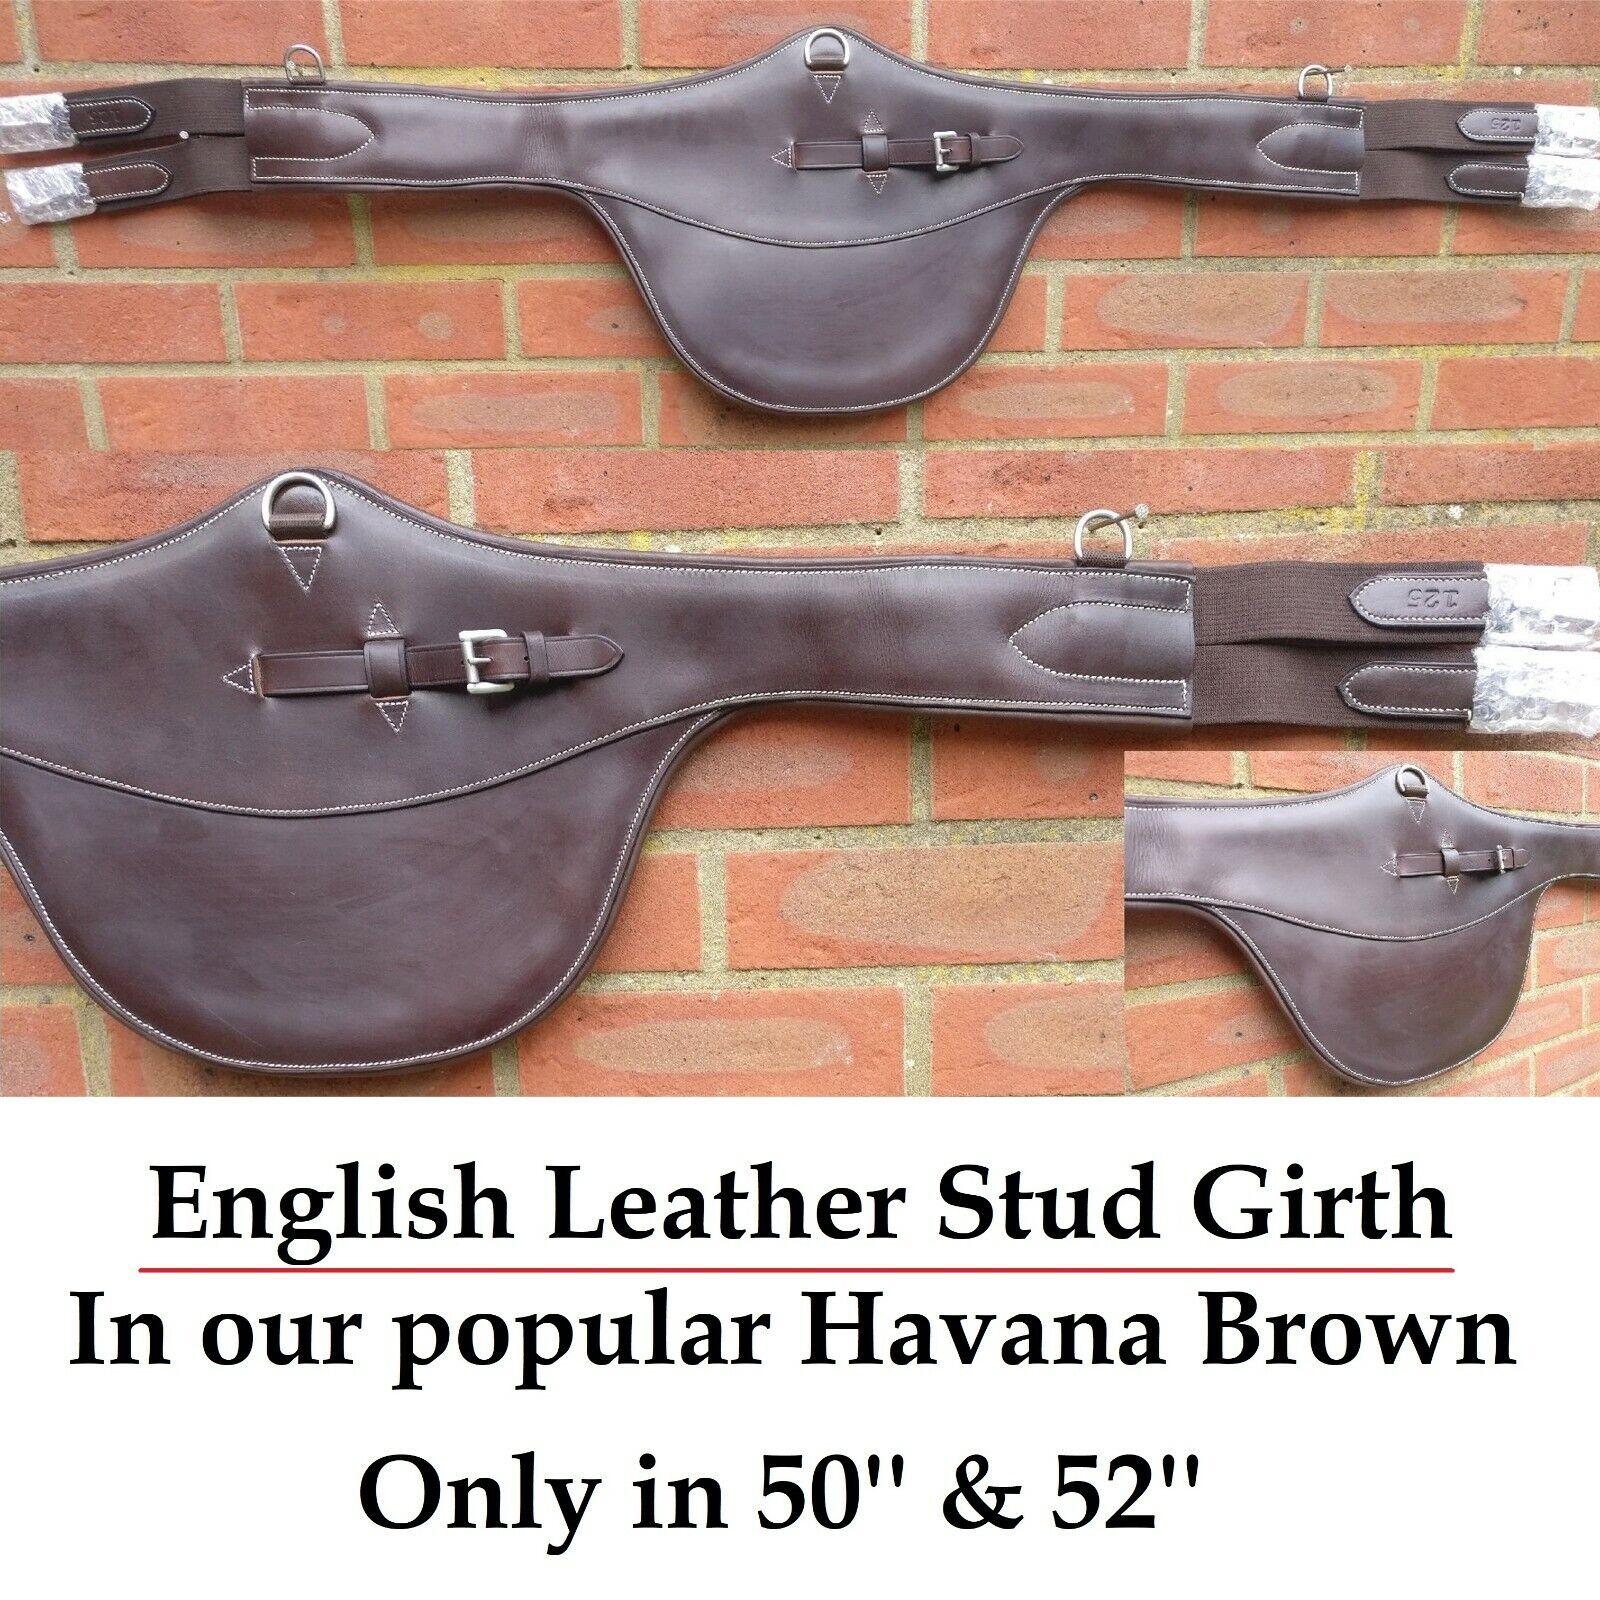 ENGLISH Leather mostra elasticizzata Stud sottopancia 50 & 52 OAK Marronee  vendita  SUPER